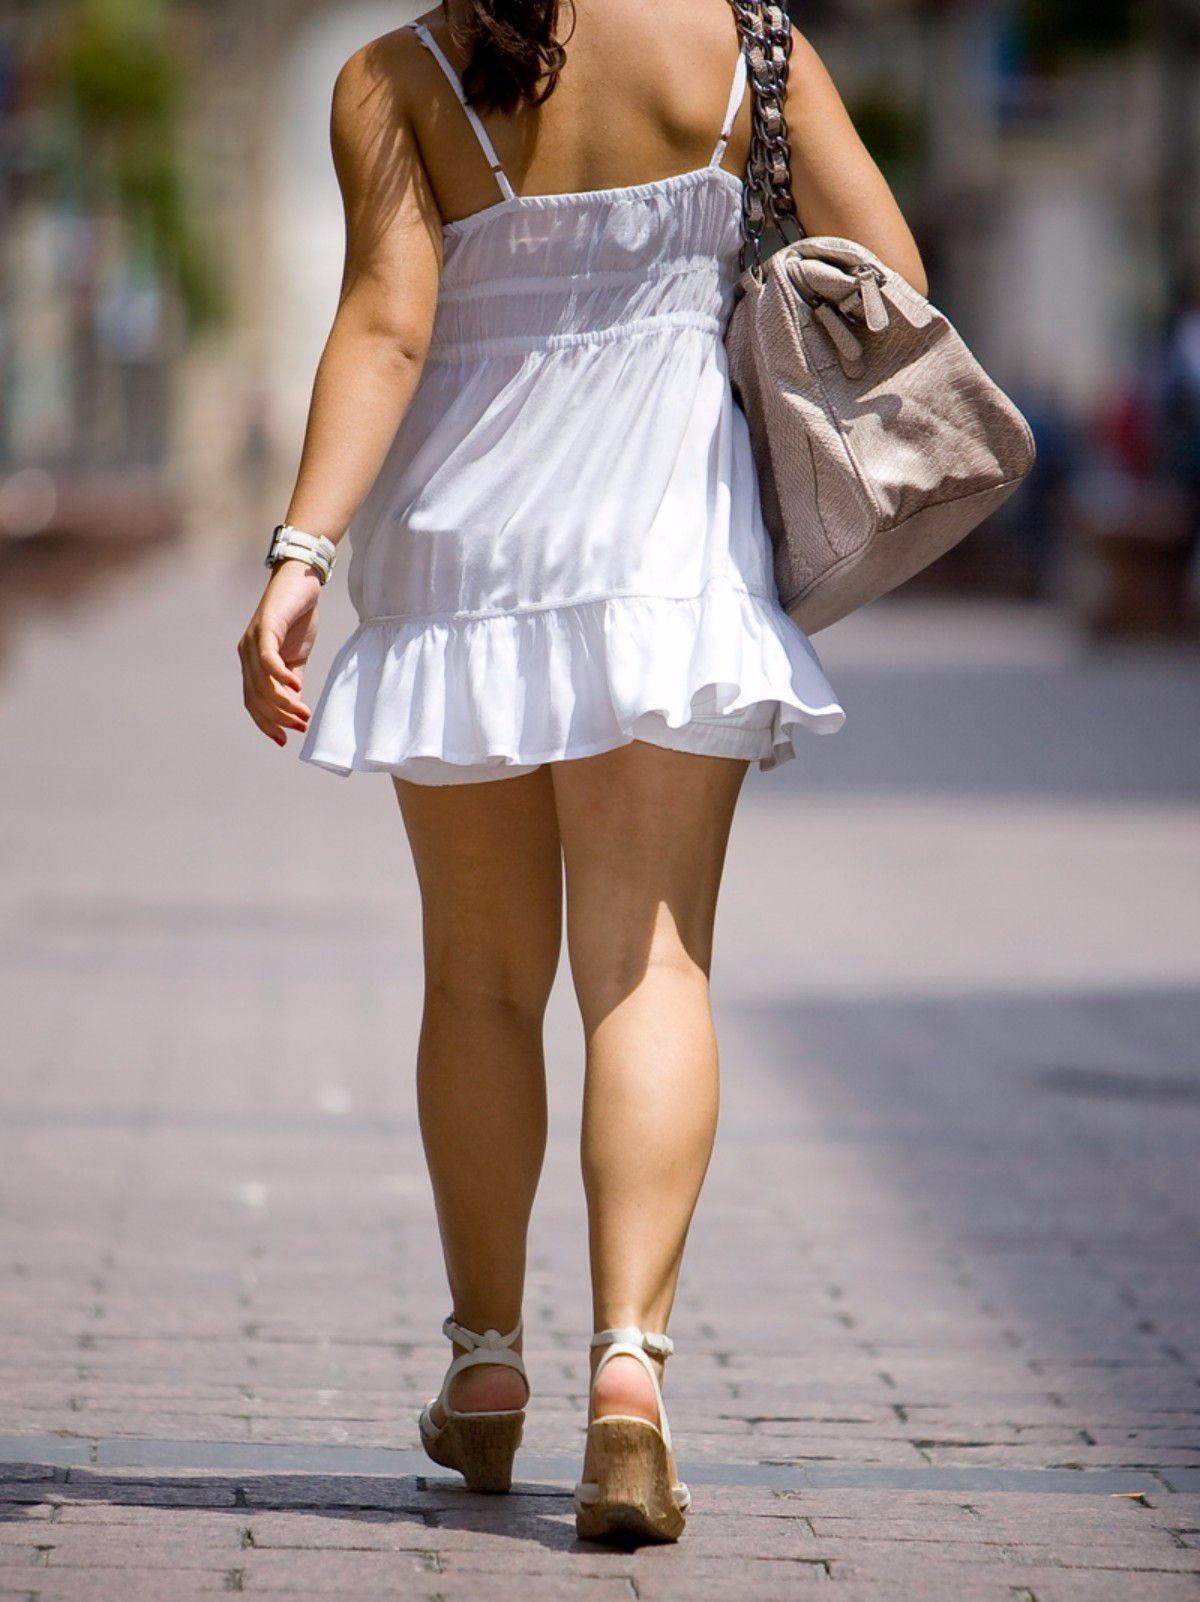 62df5a808 Mujeres en la calle con vestidos cortos – Vestidos de fiesta